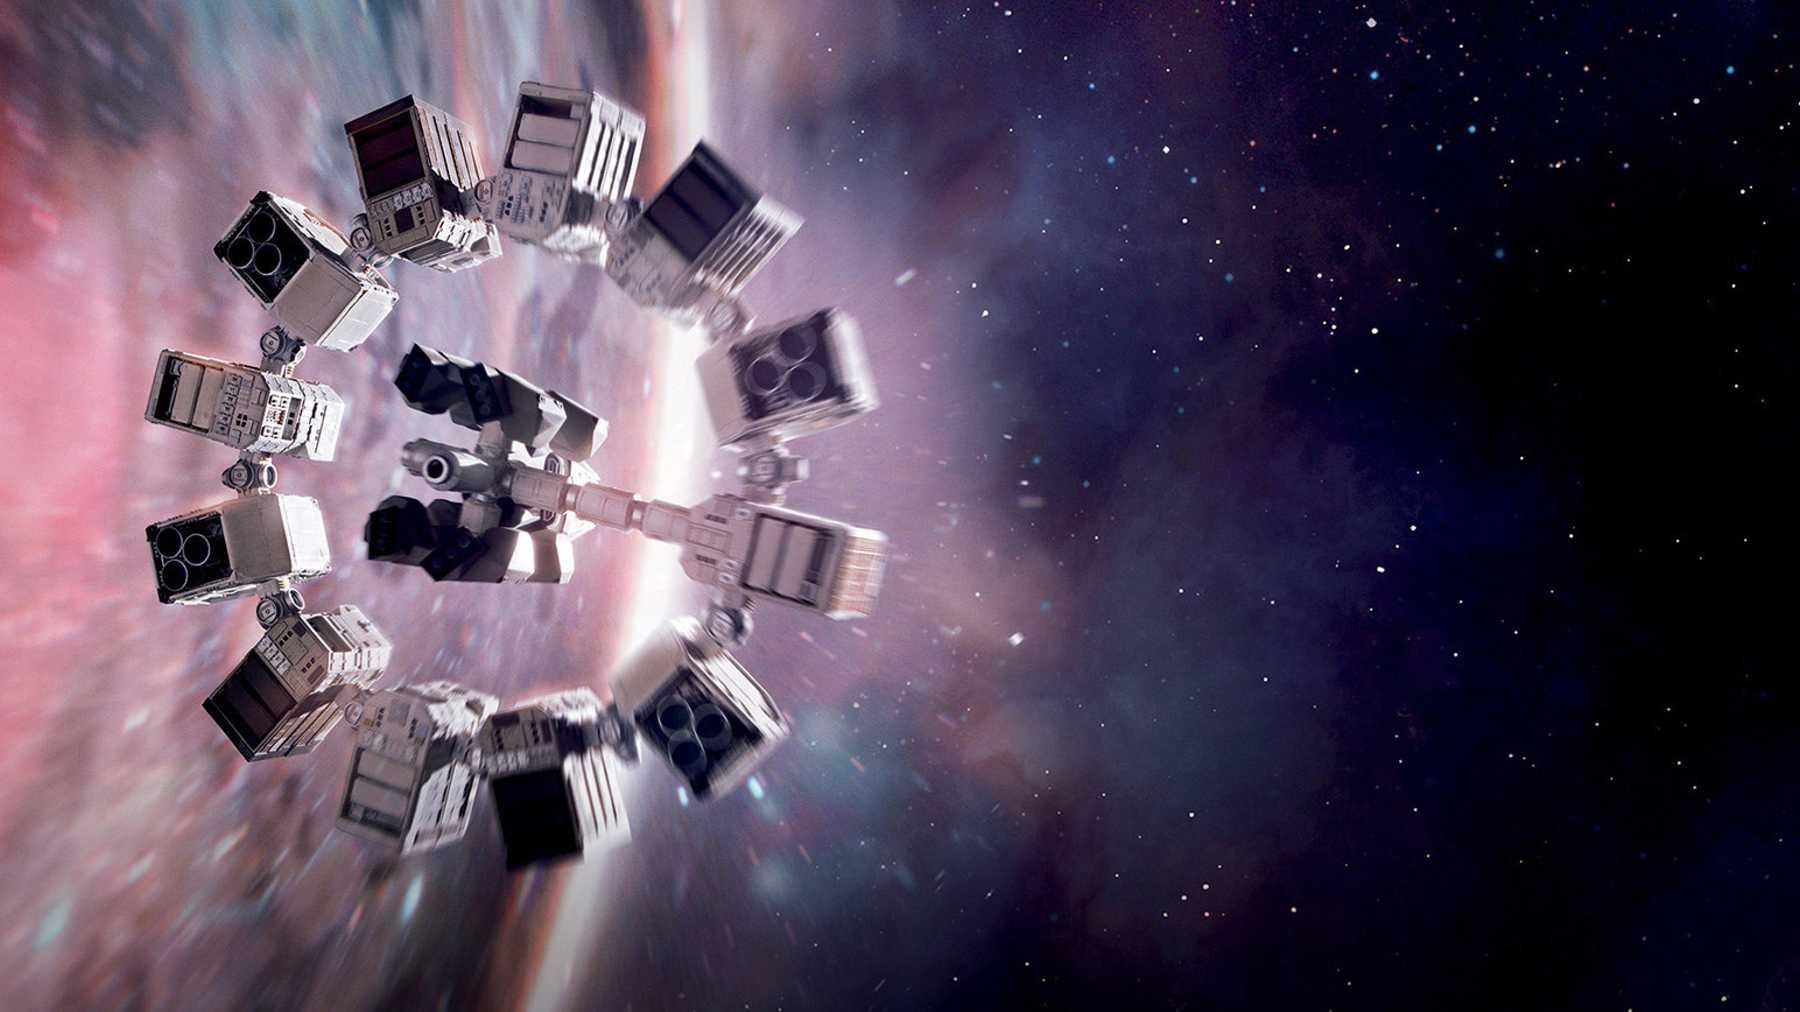 Итоги 2010-х: 10 лучших фантастических фильмов поверсии читателей МирФ 7